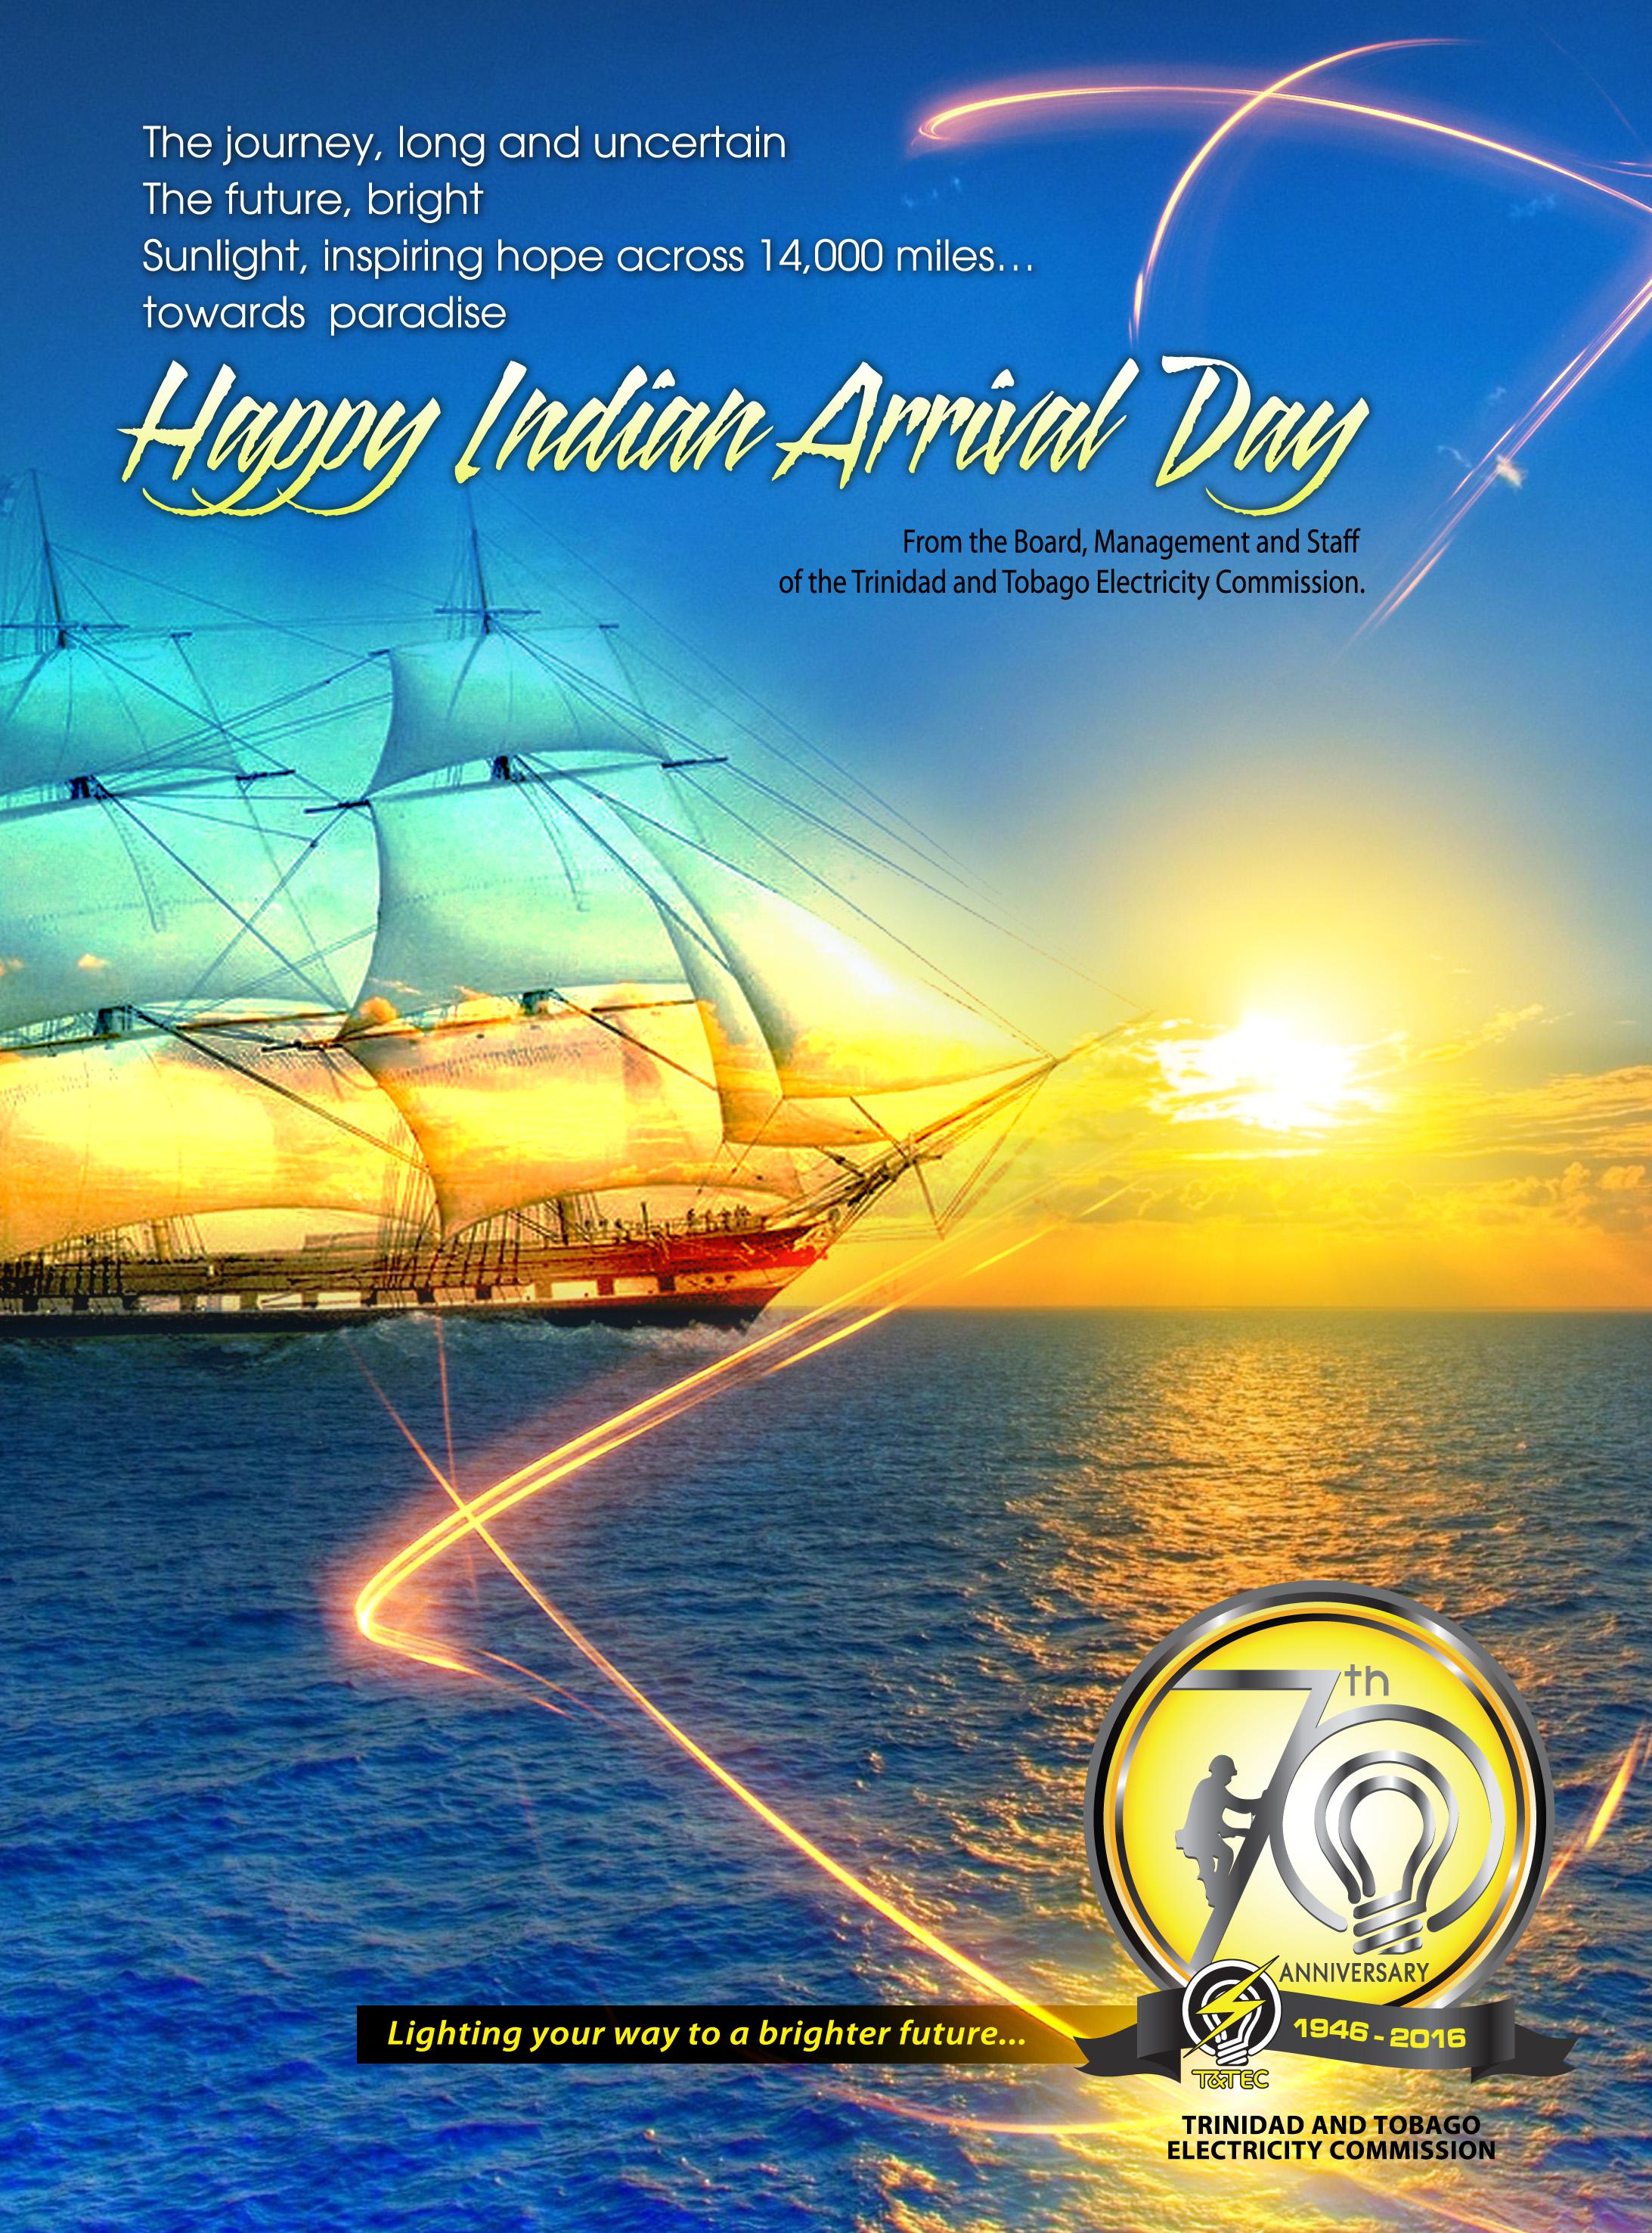 Happy Indian Arrival Day Trinidad And Tobago Electricity